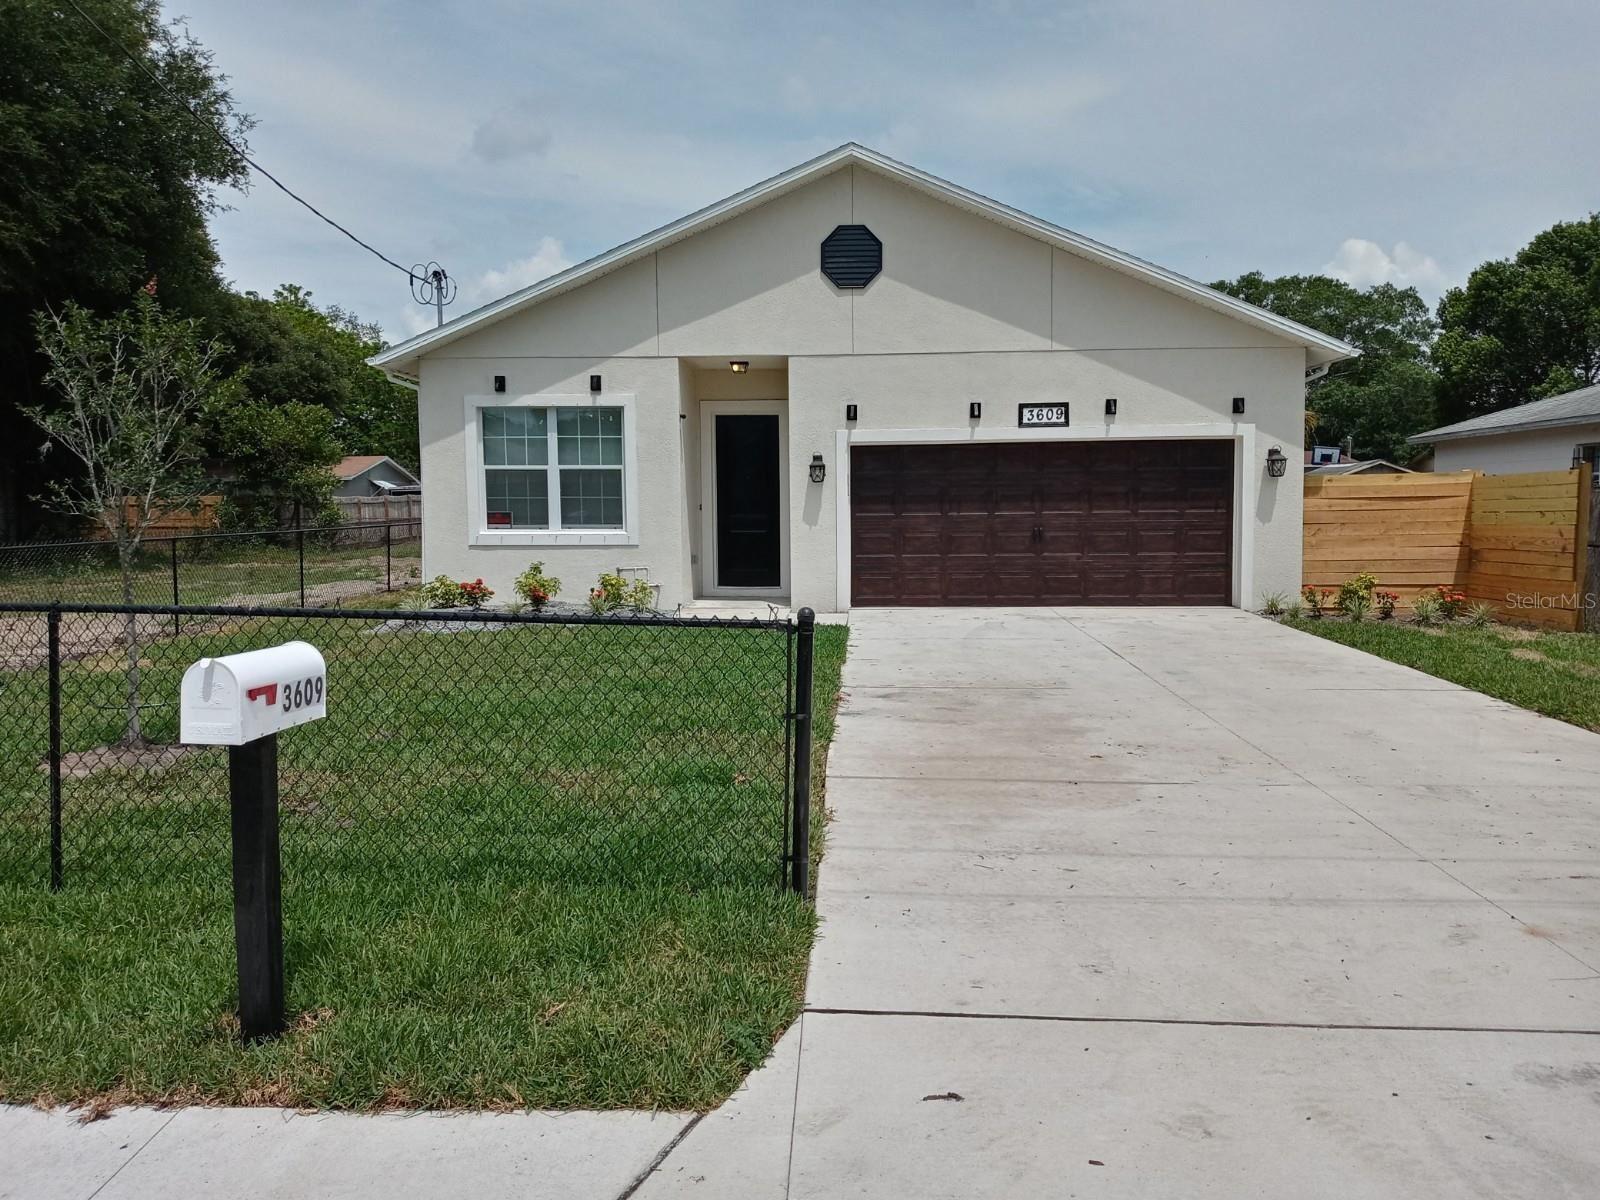 3609 N 51ST STREET, Tampa, FL 33619 - MLS#: T3288730